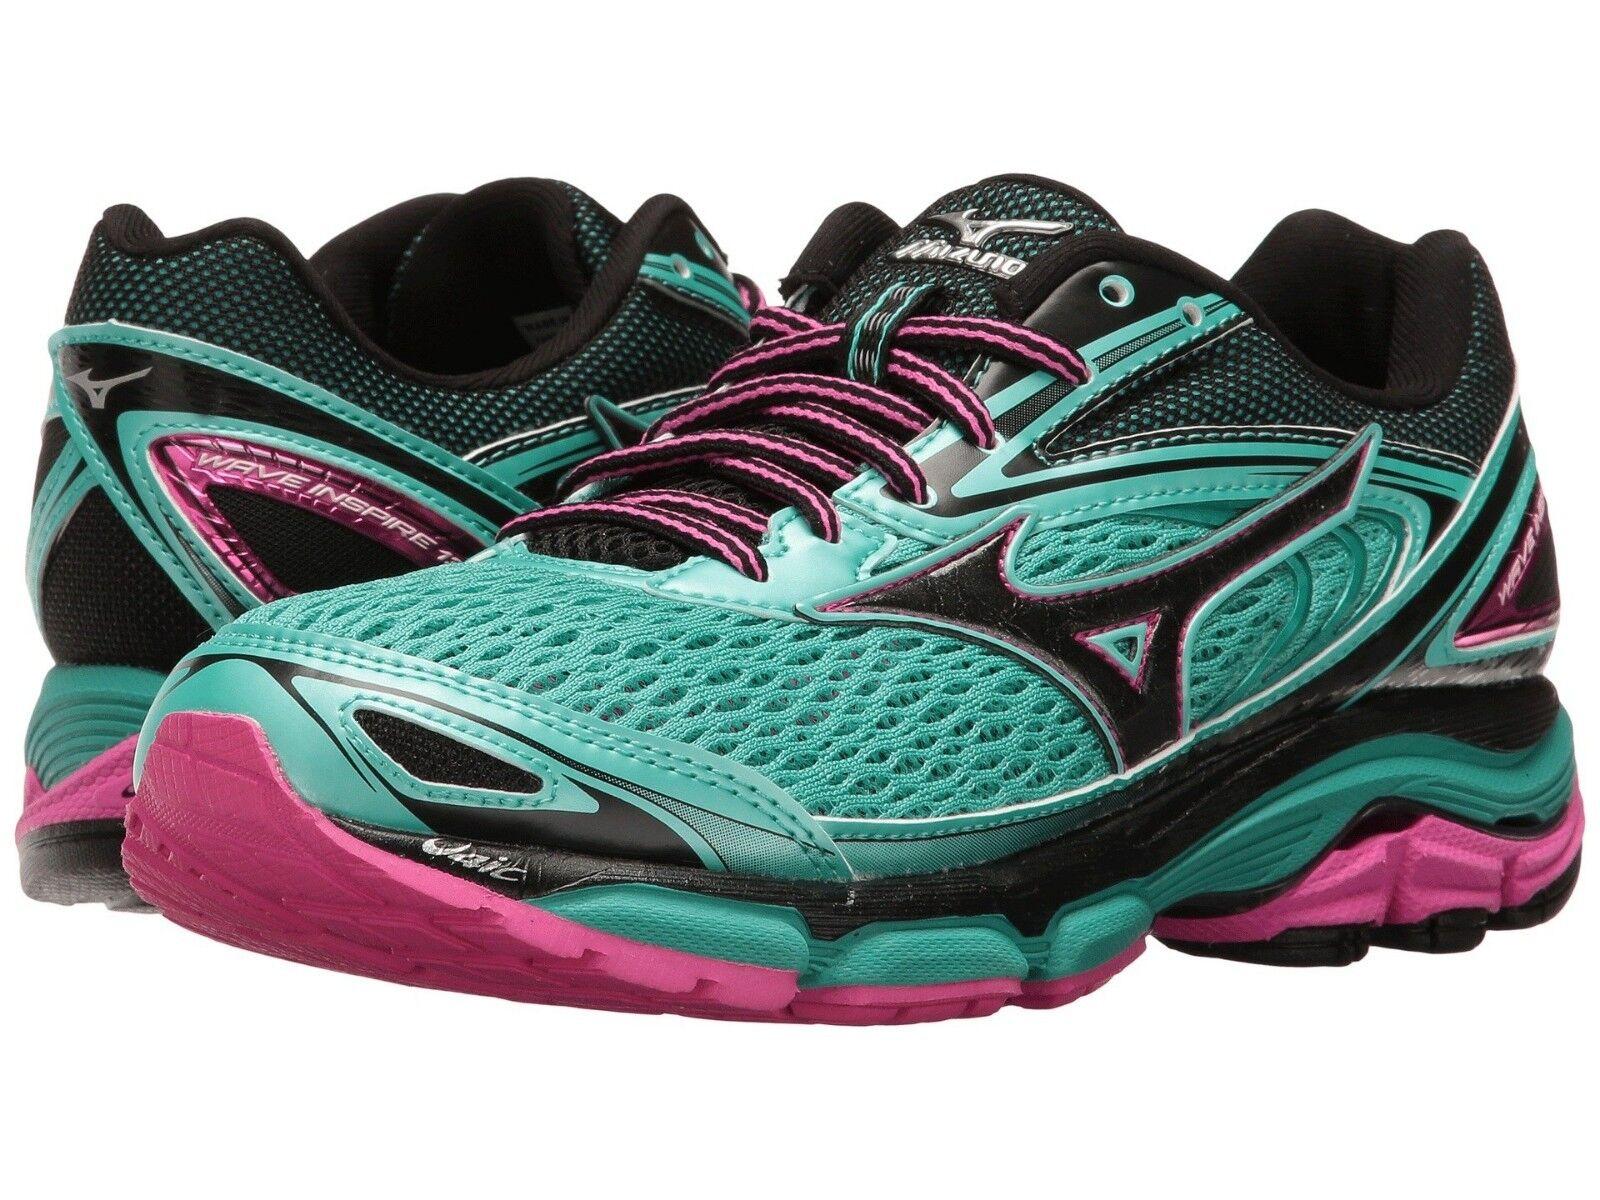 Mizuno 410877.4F4U Wave Inspire Inspire Inspire 13 verdes Para Mujer Zapatos Para Correr Talla 6.5 US 36 EU  Envío rápido y el mejor servicio